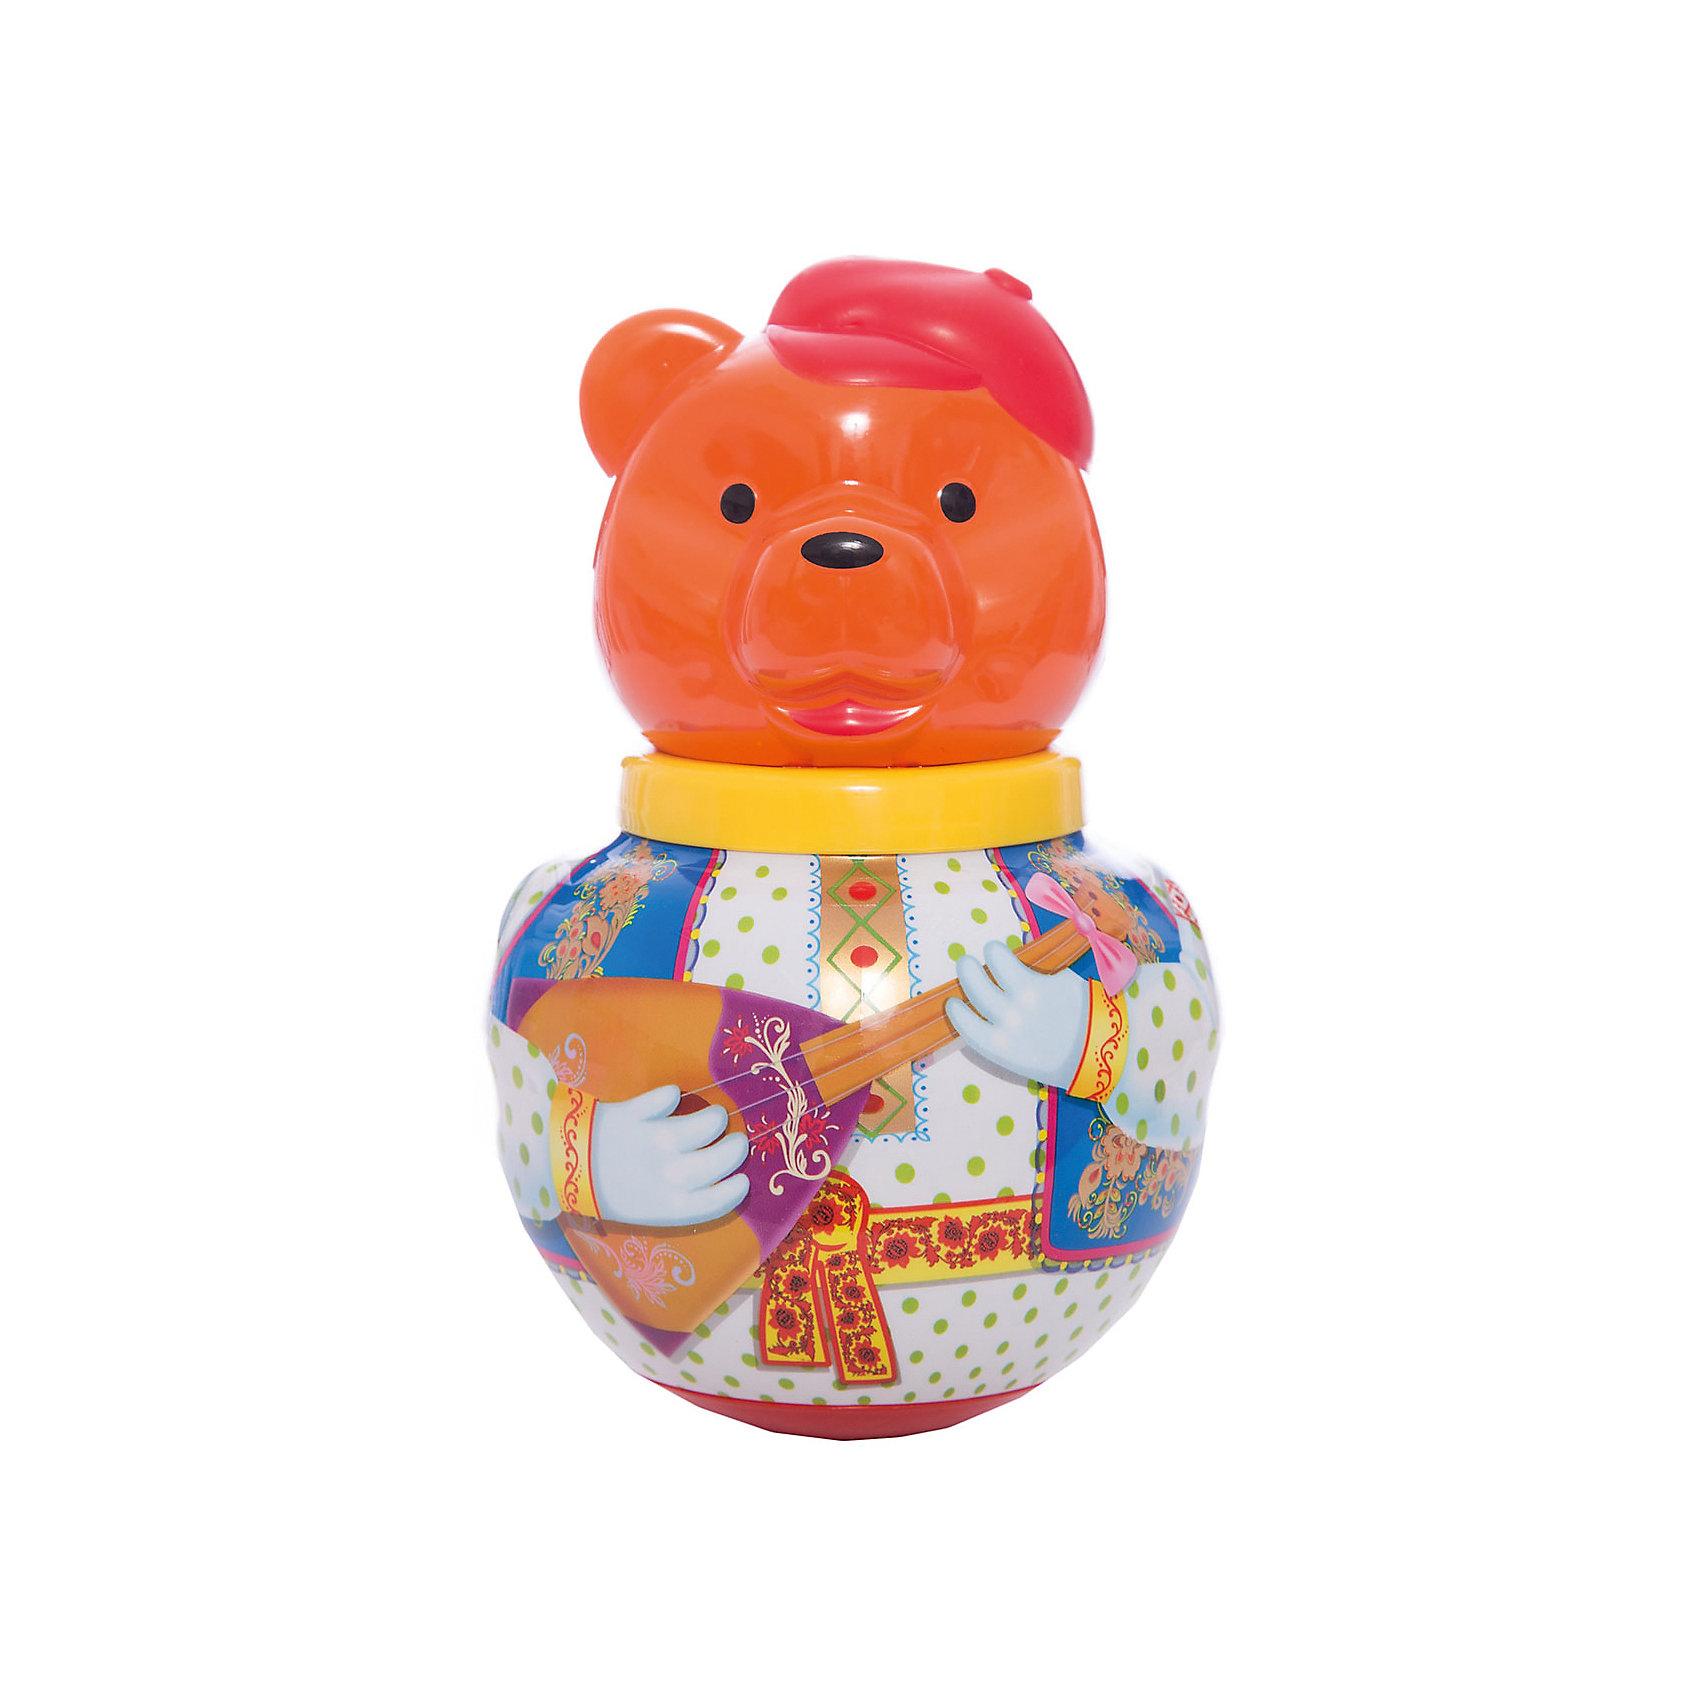 Стеллар Неваляшка Бурый медведь Потапыч стеллар неваляшка бурый медведь потапыч в ассортименте стеллар